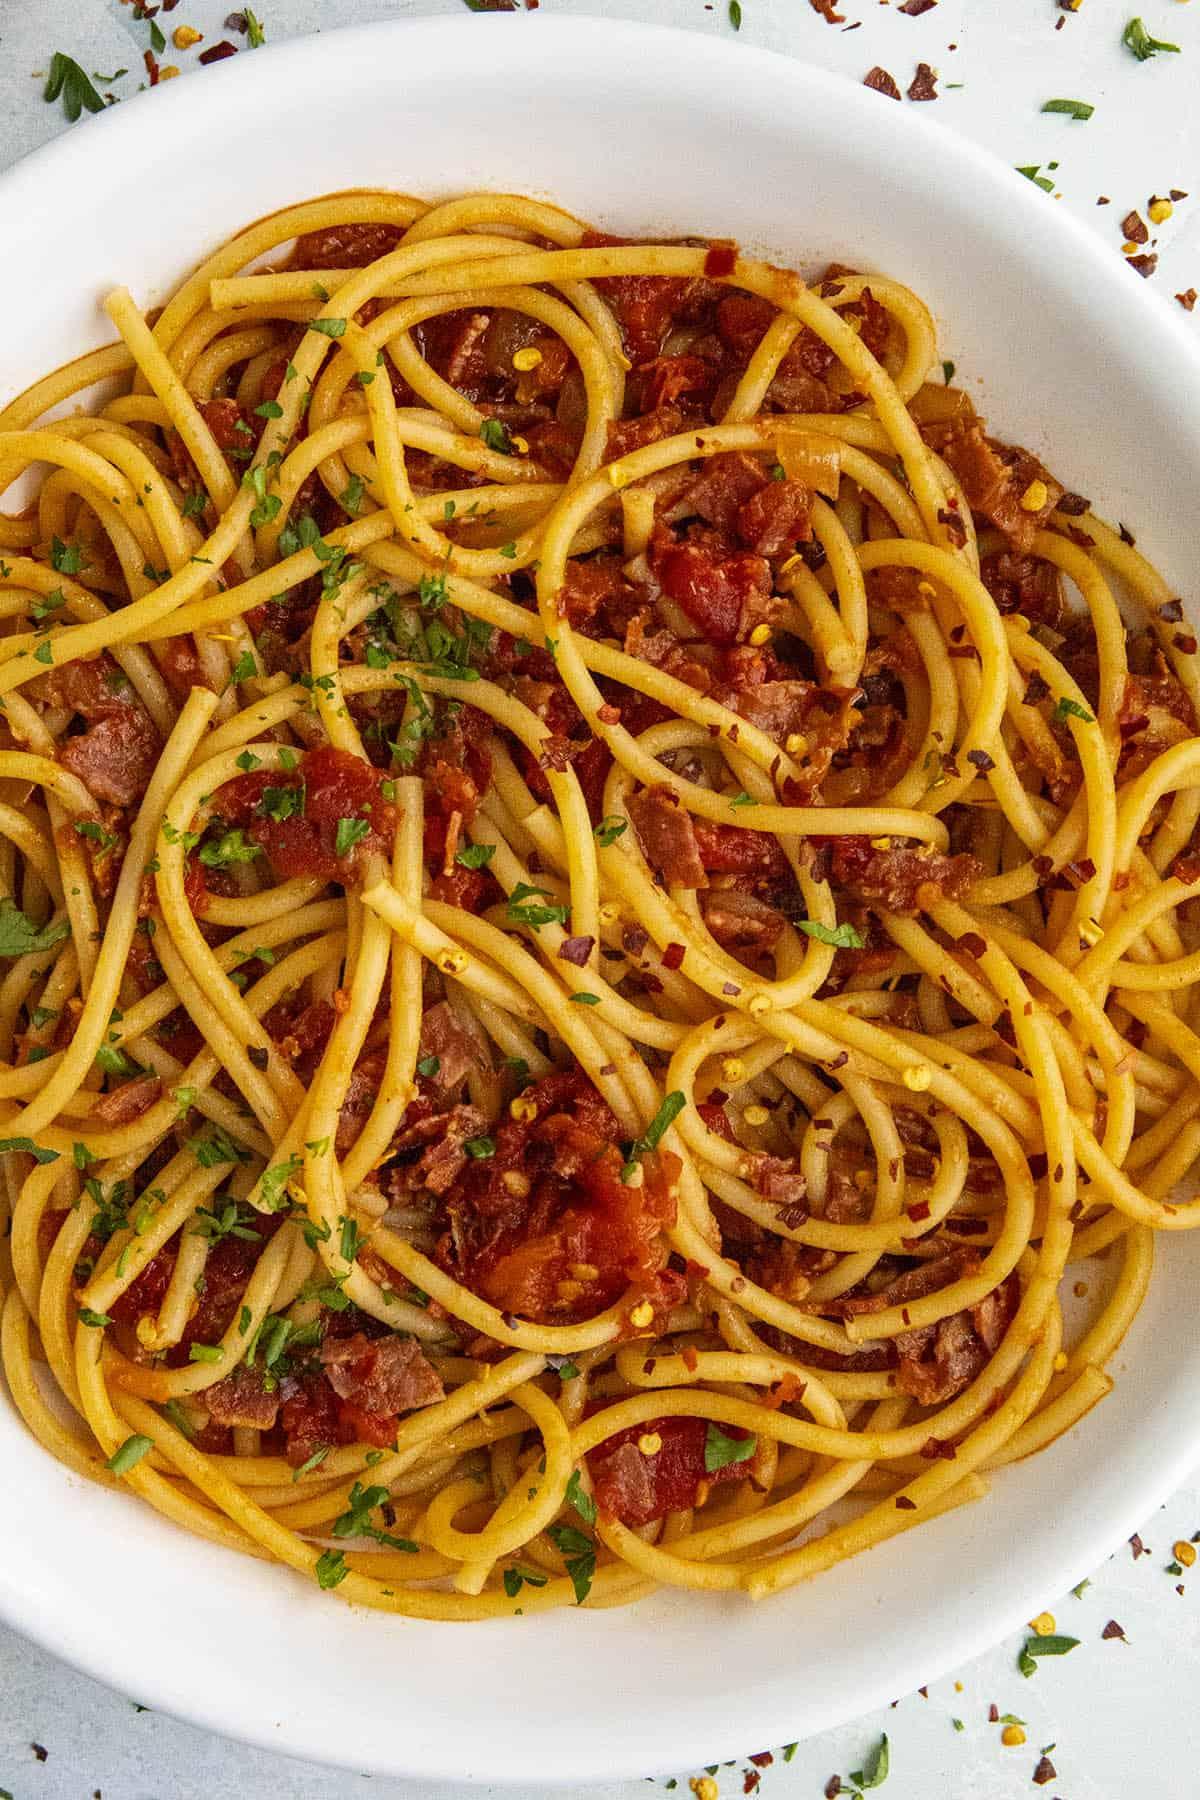 Bucatini all' Amatriciana (Spicy Italian Pasta)